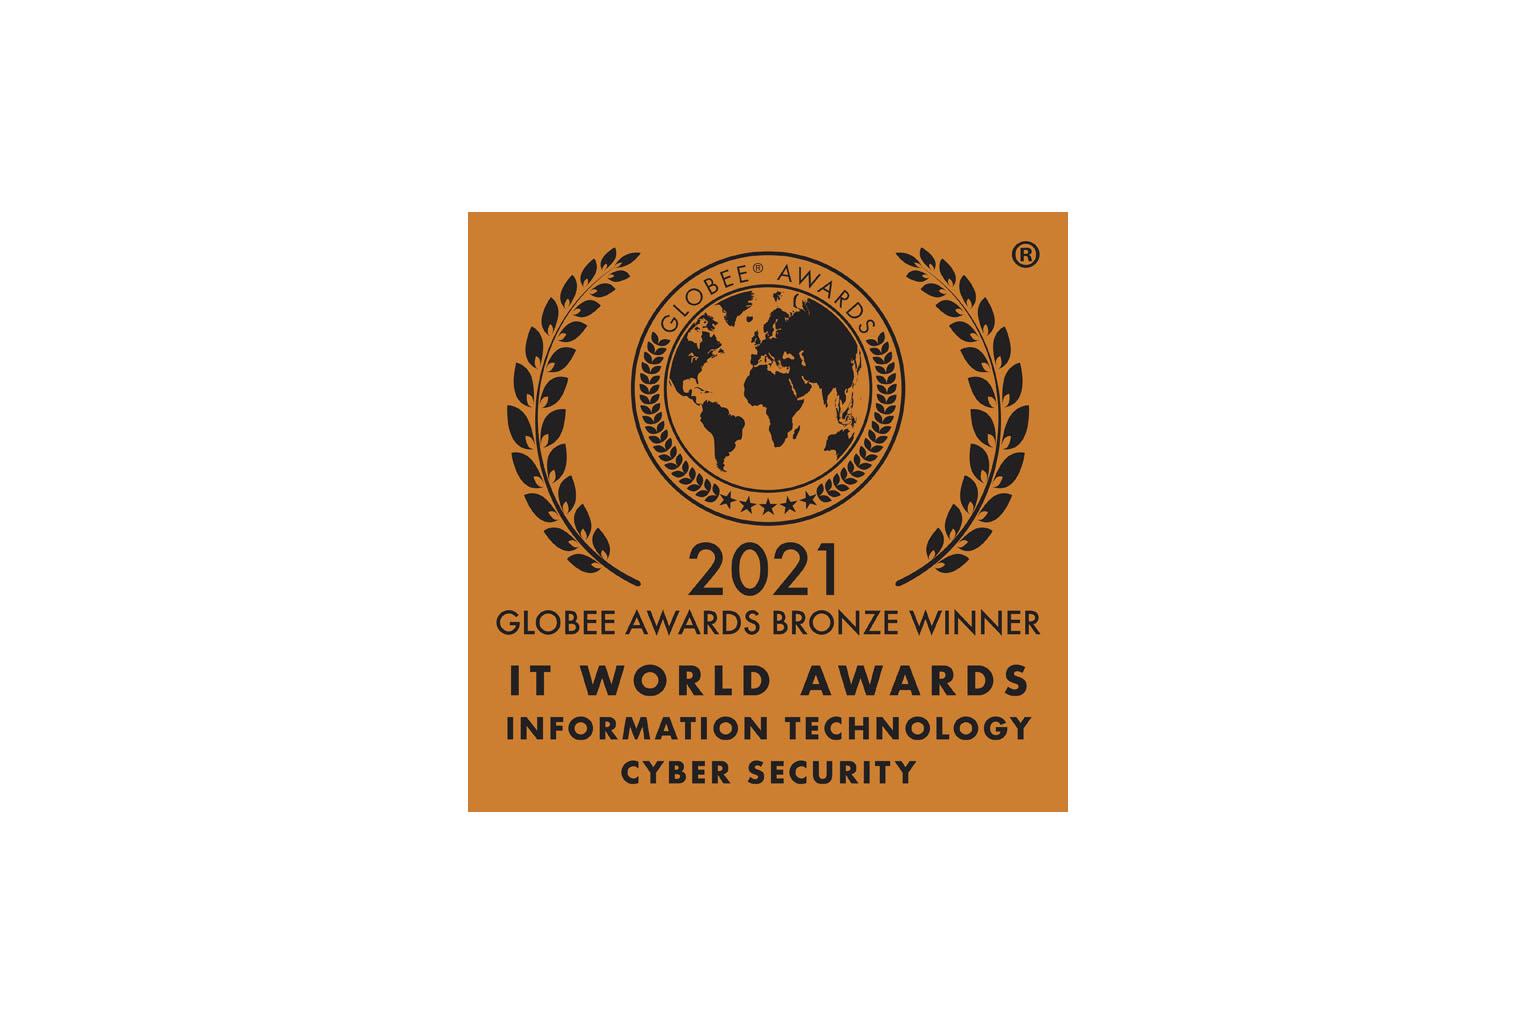 IT World Awards 2021